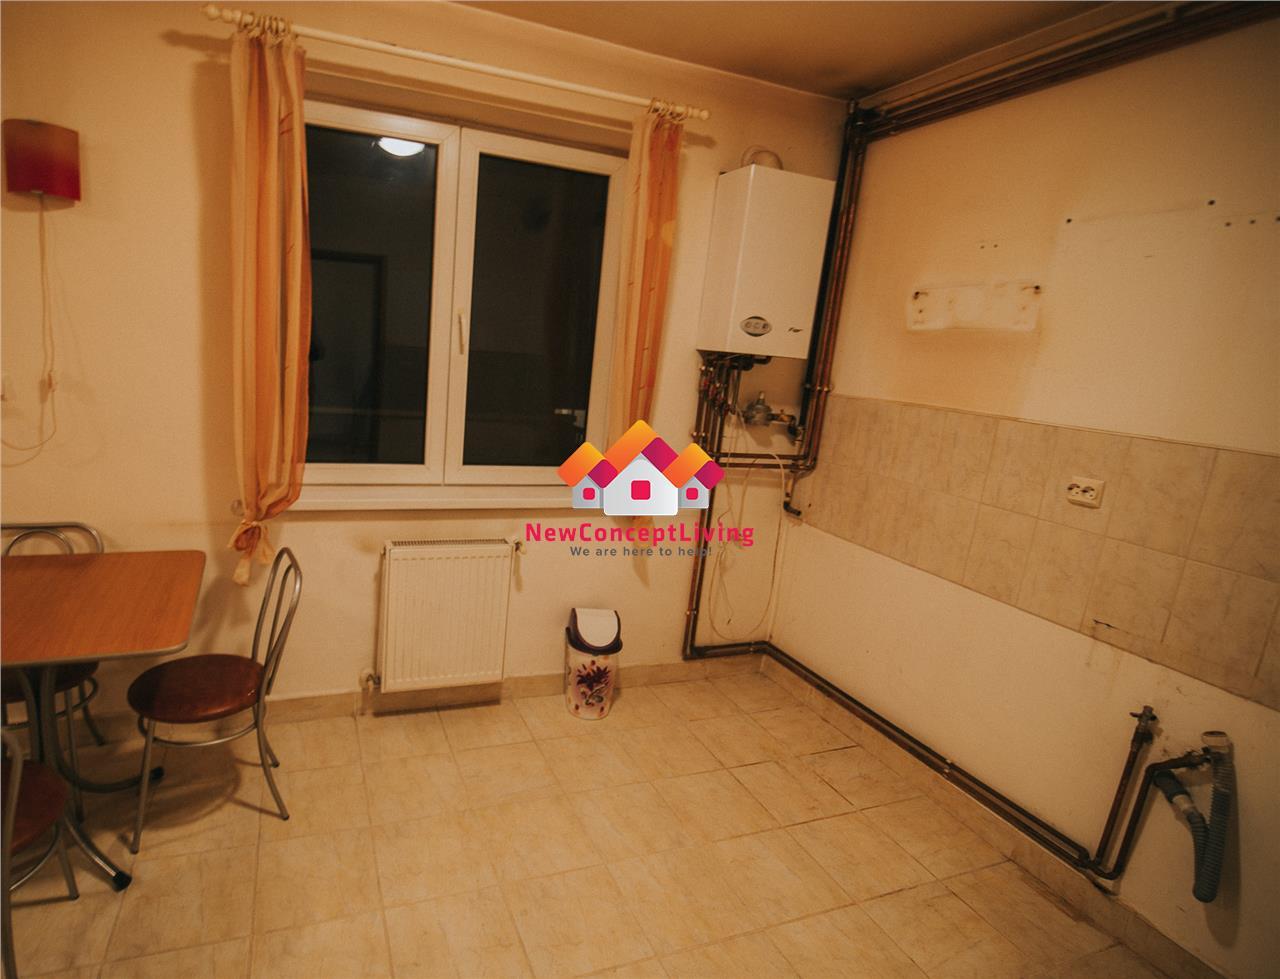 Apartament de vanzare in Sibiu -2 camere cu balcon- Zona buna